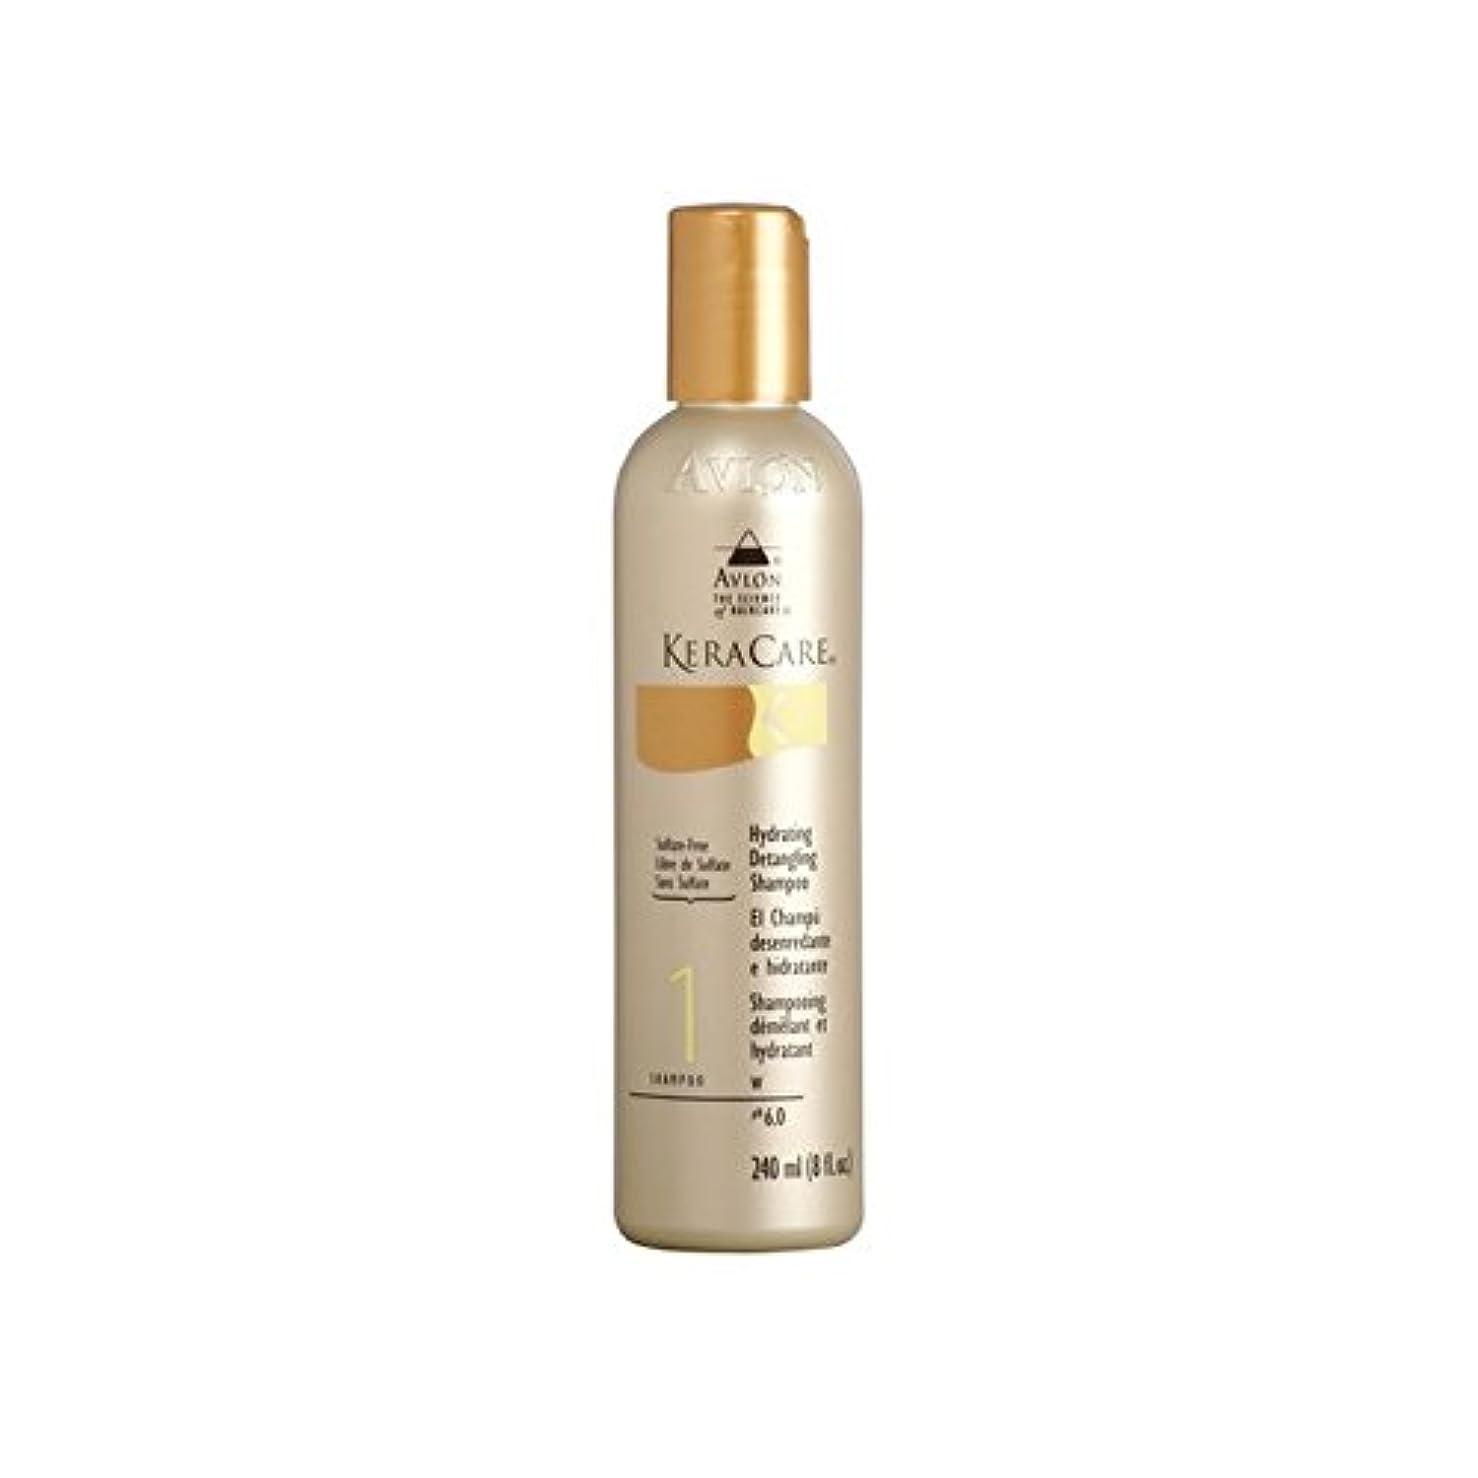 珍しい種コンパス水和もつれ解除シャンプー(240ミリリットル) x4 - Keracare Hydrating Detangling Shampoo (240ml) (Pack of 4) [並行輸入品]